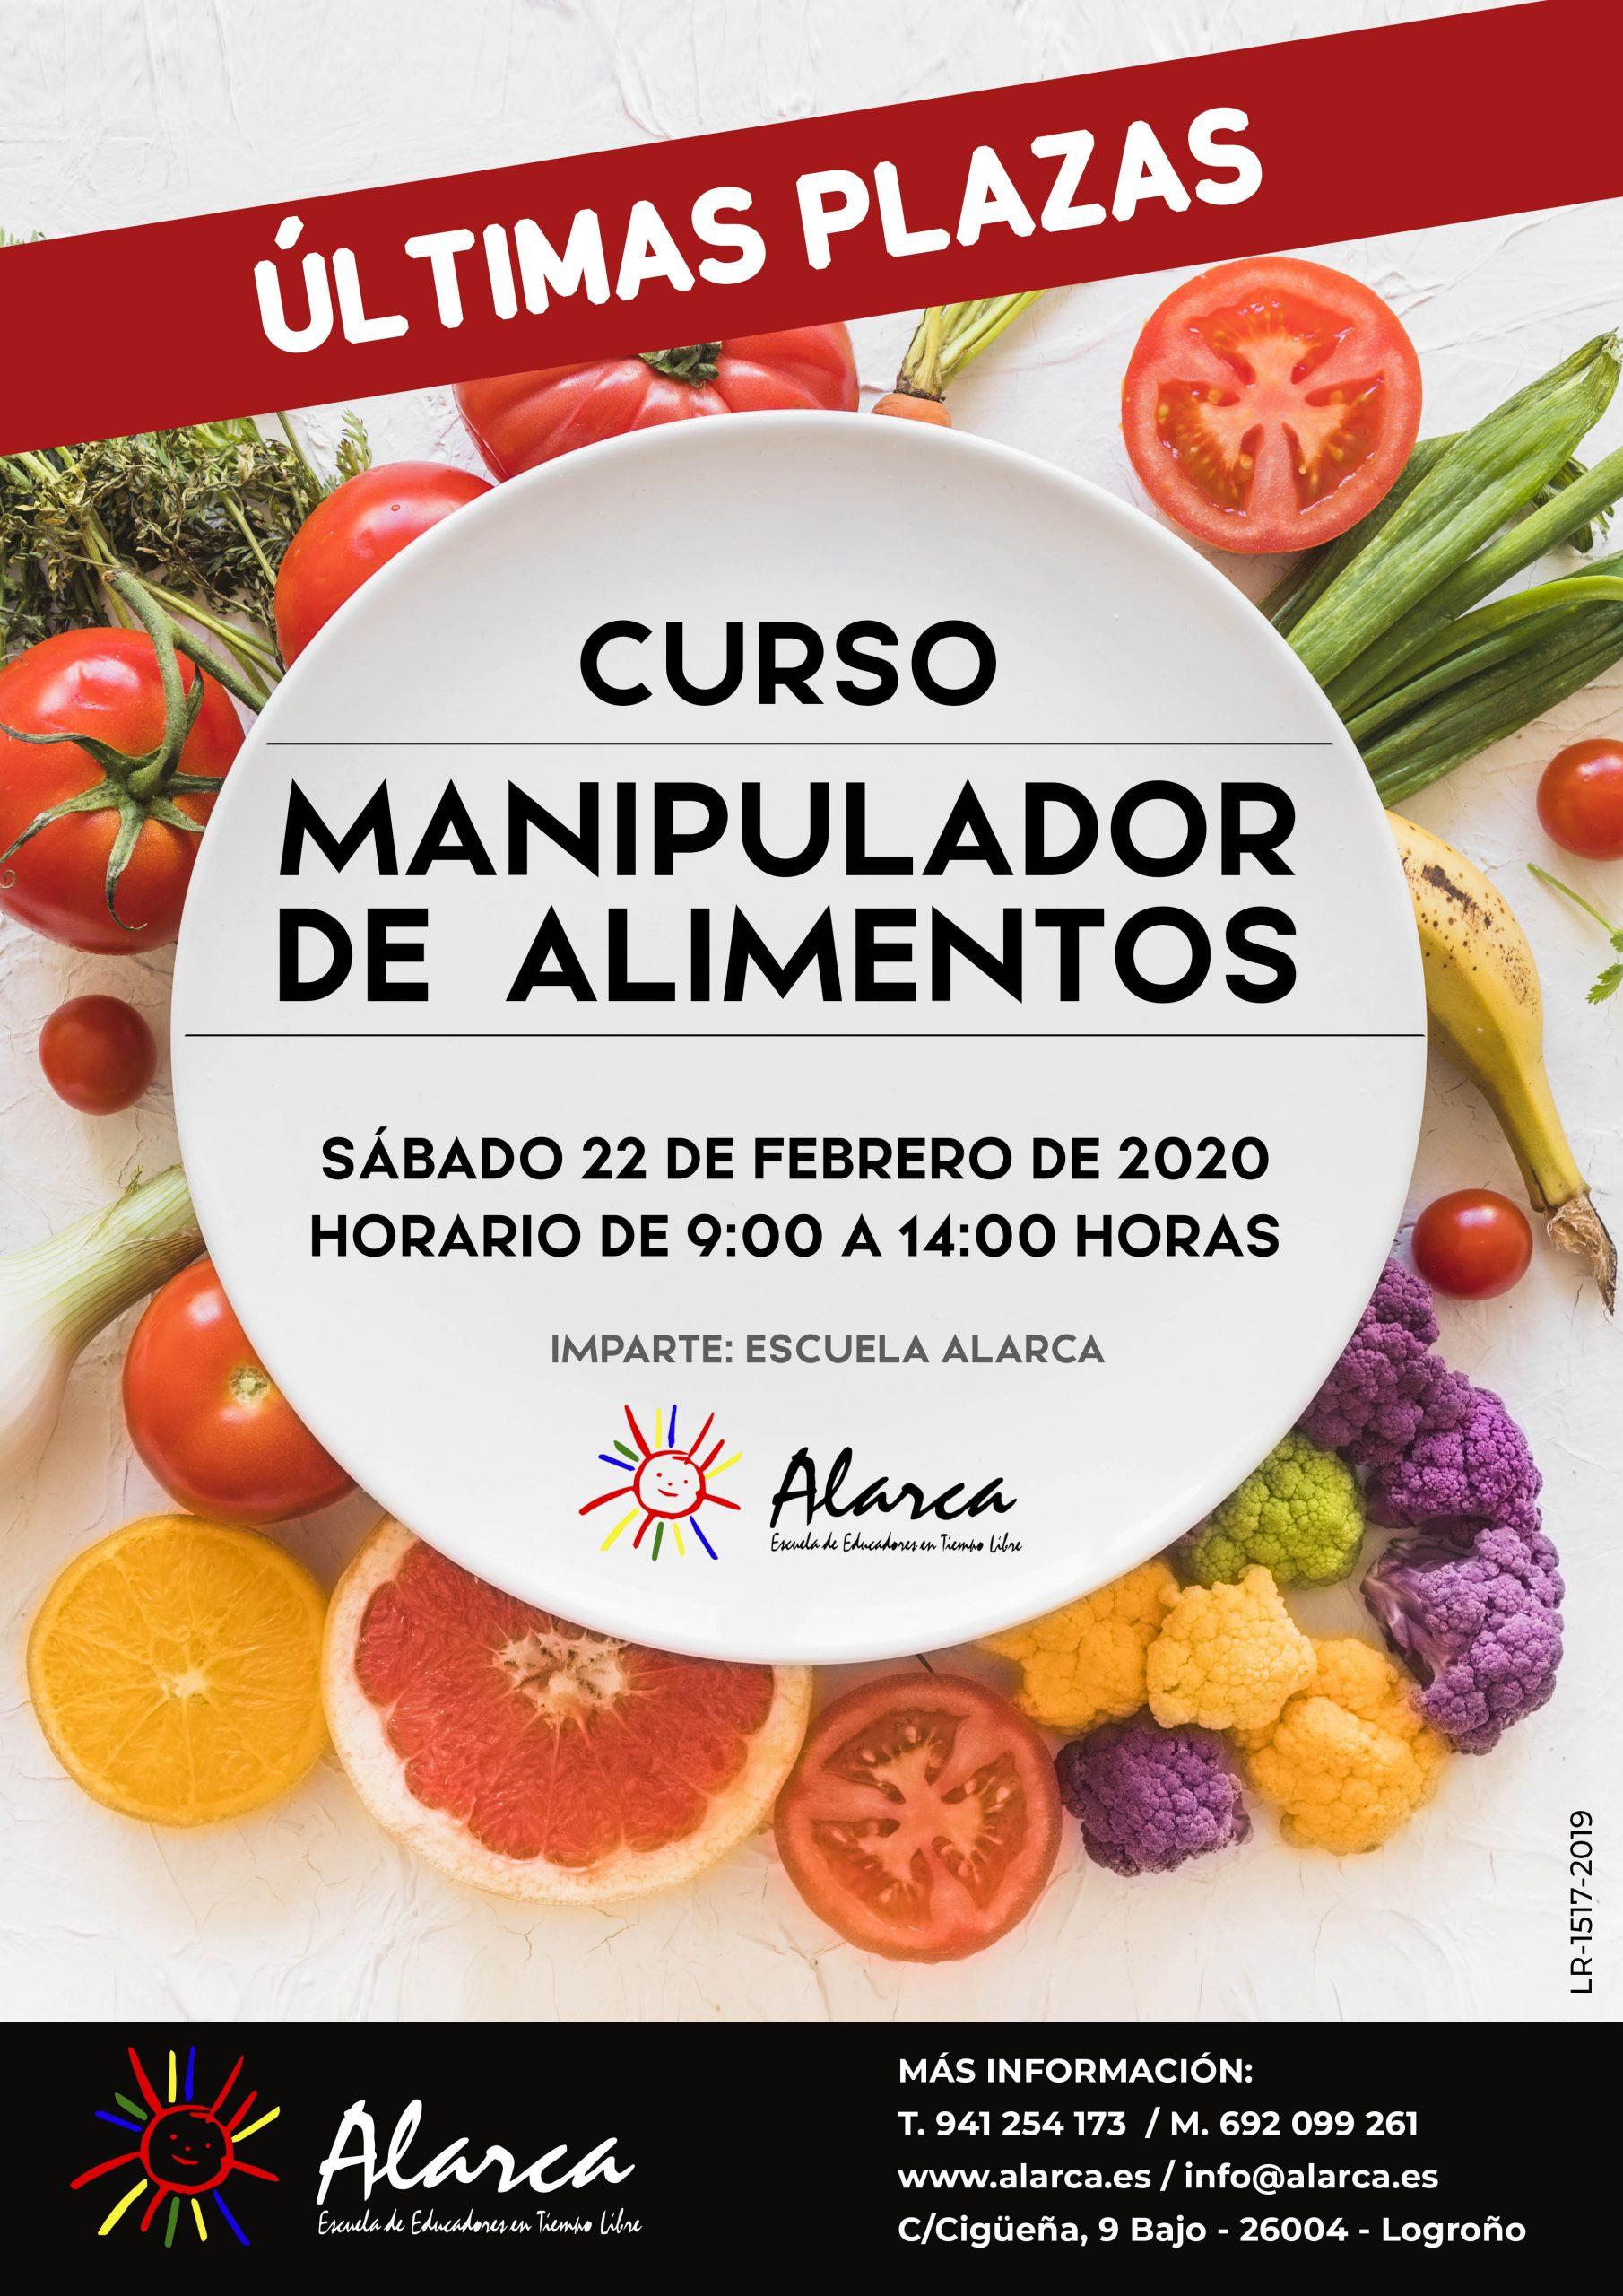 Curso manipulador alimentos 2020 ultimas plazas